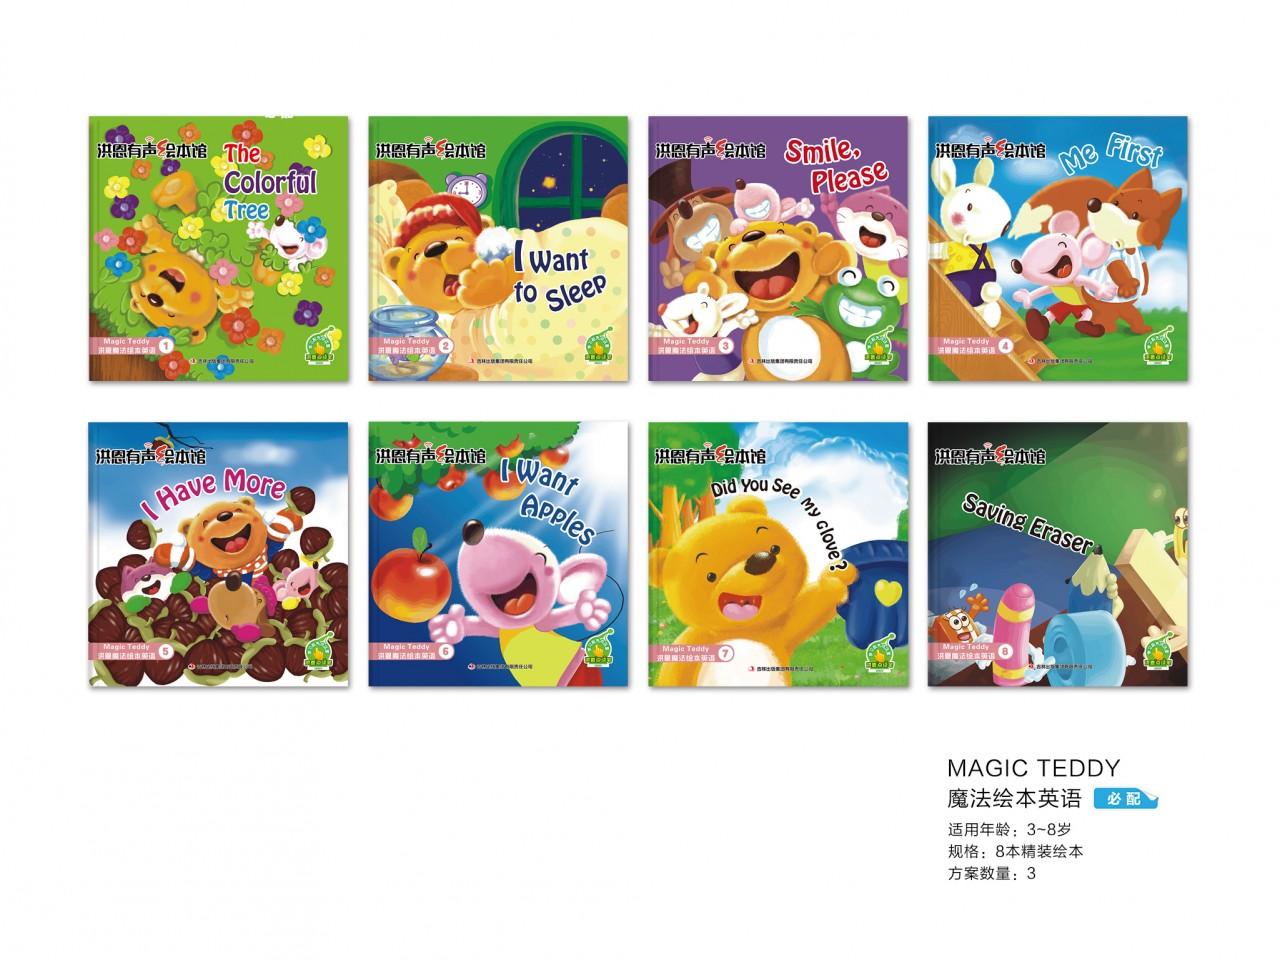 21-2Magic Teddy 洪恩国际幼儿英语(全套)